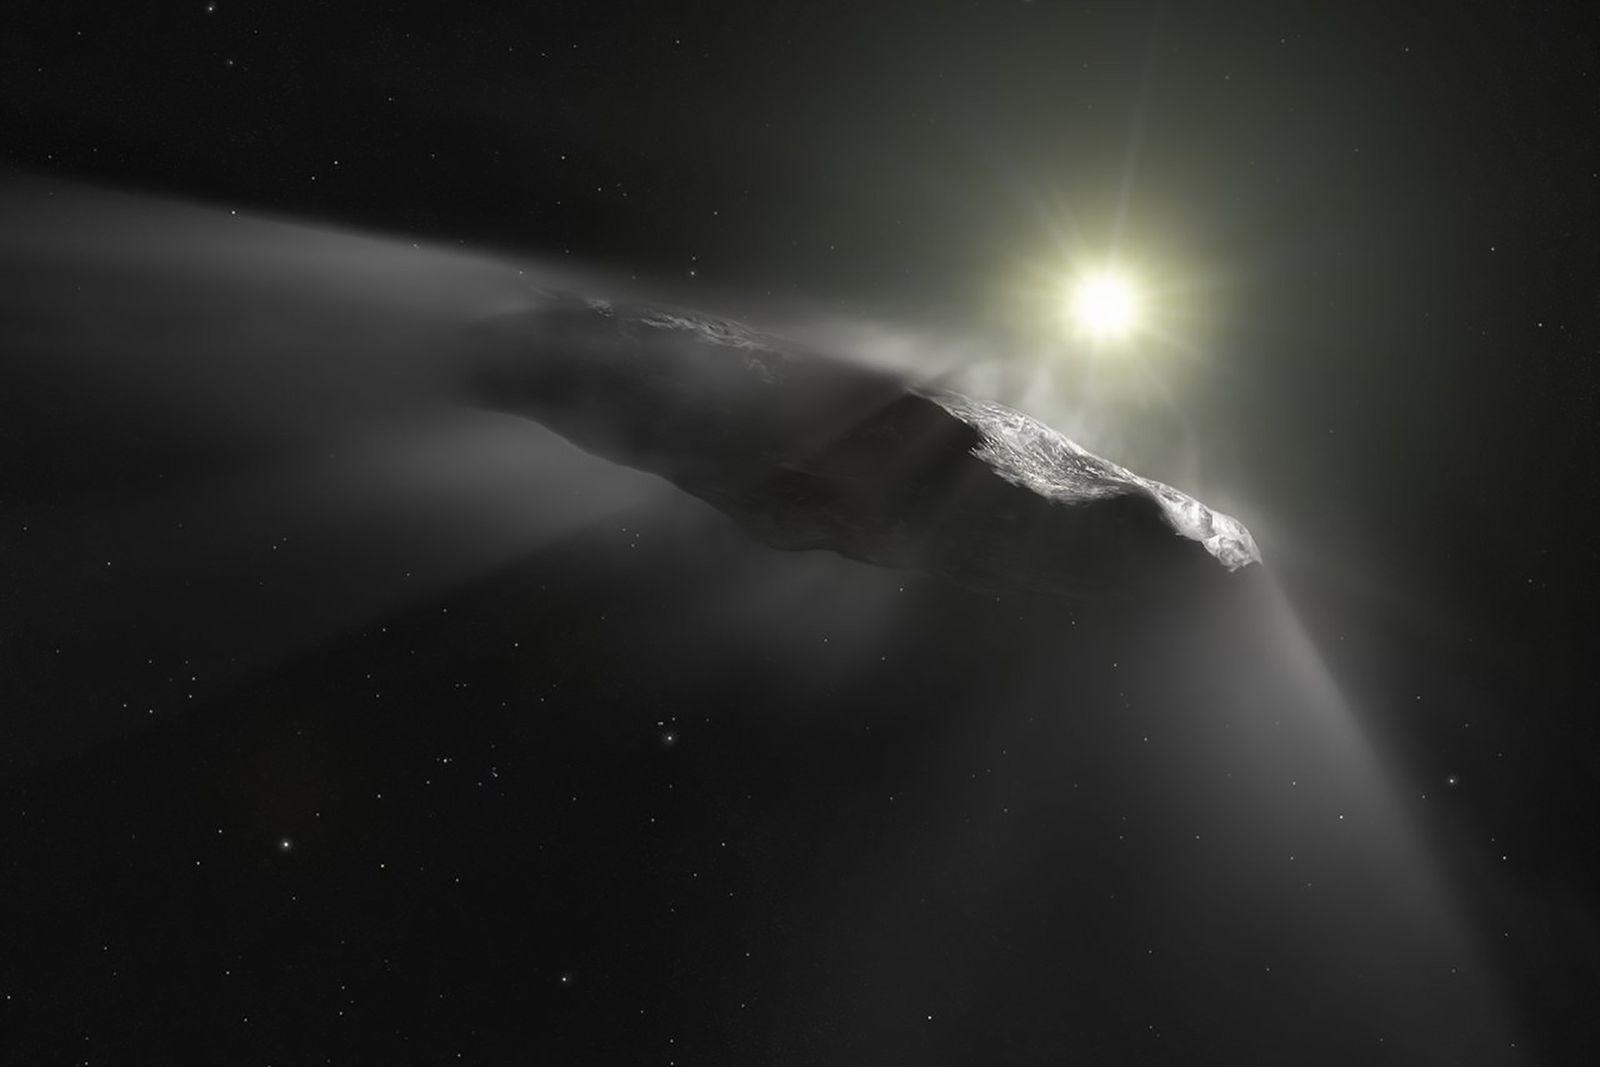 El asteroide 'Oumuamua